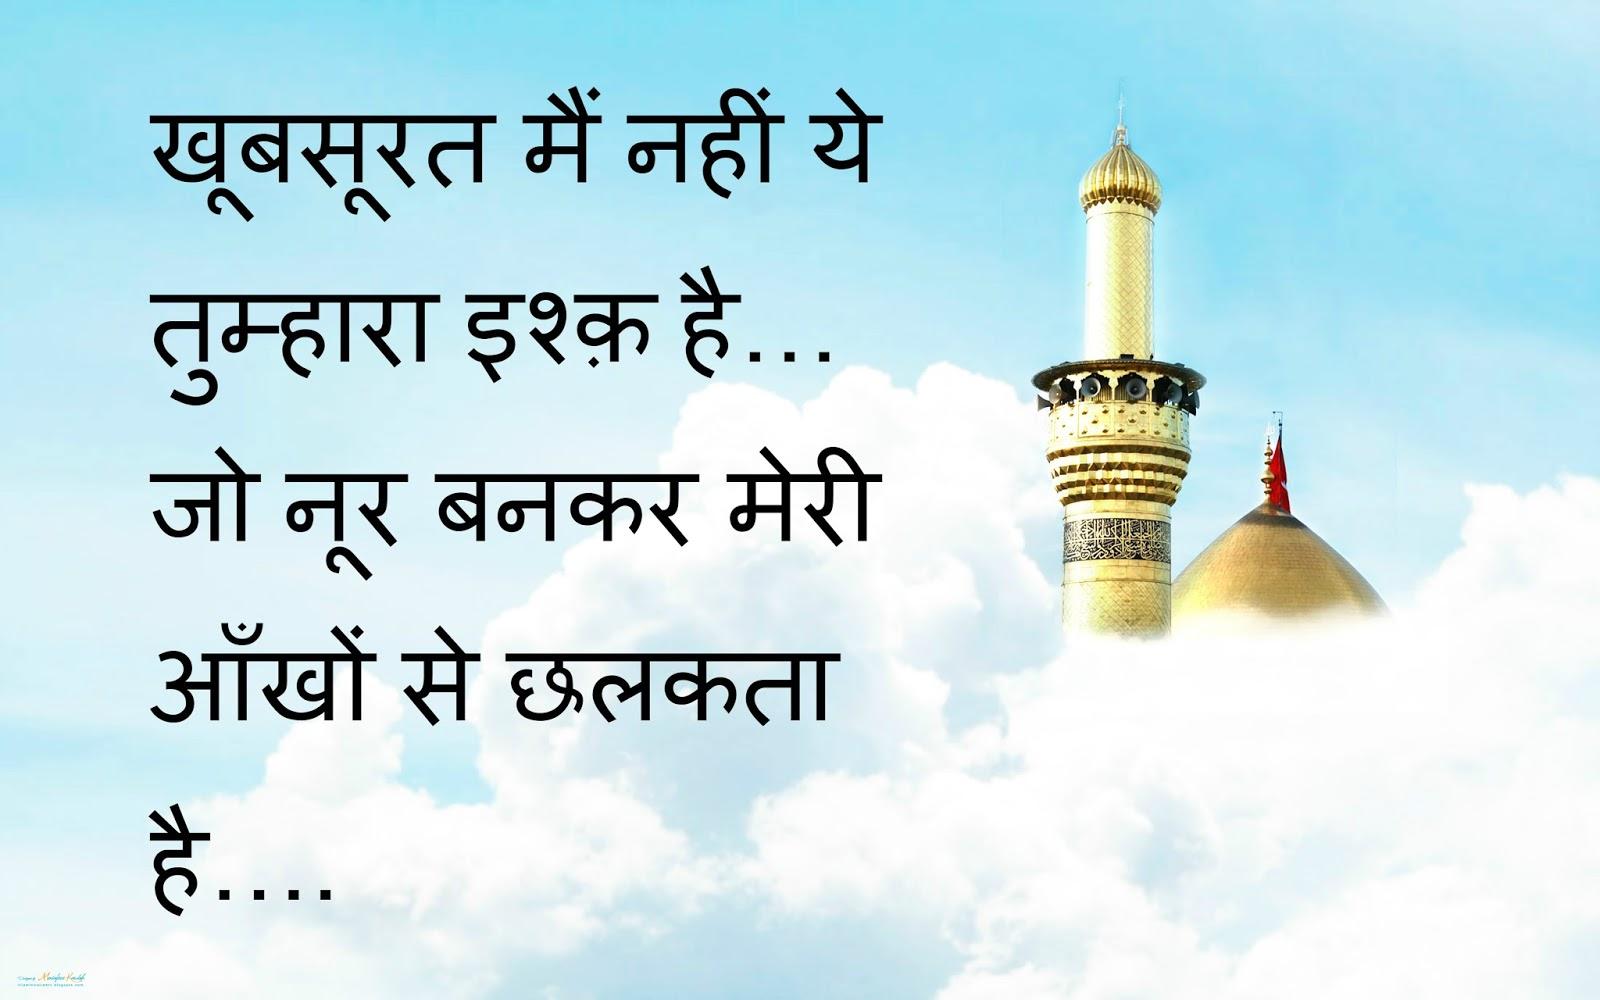 Hindi Shayari Images Wallpapers For Facebook